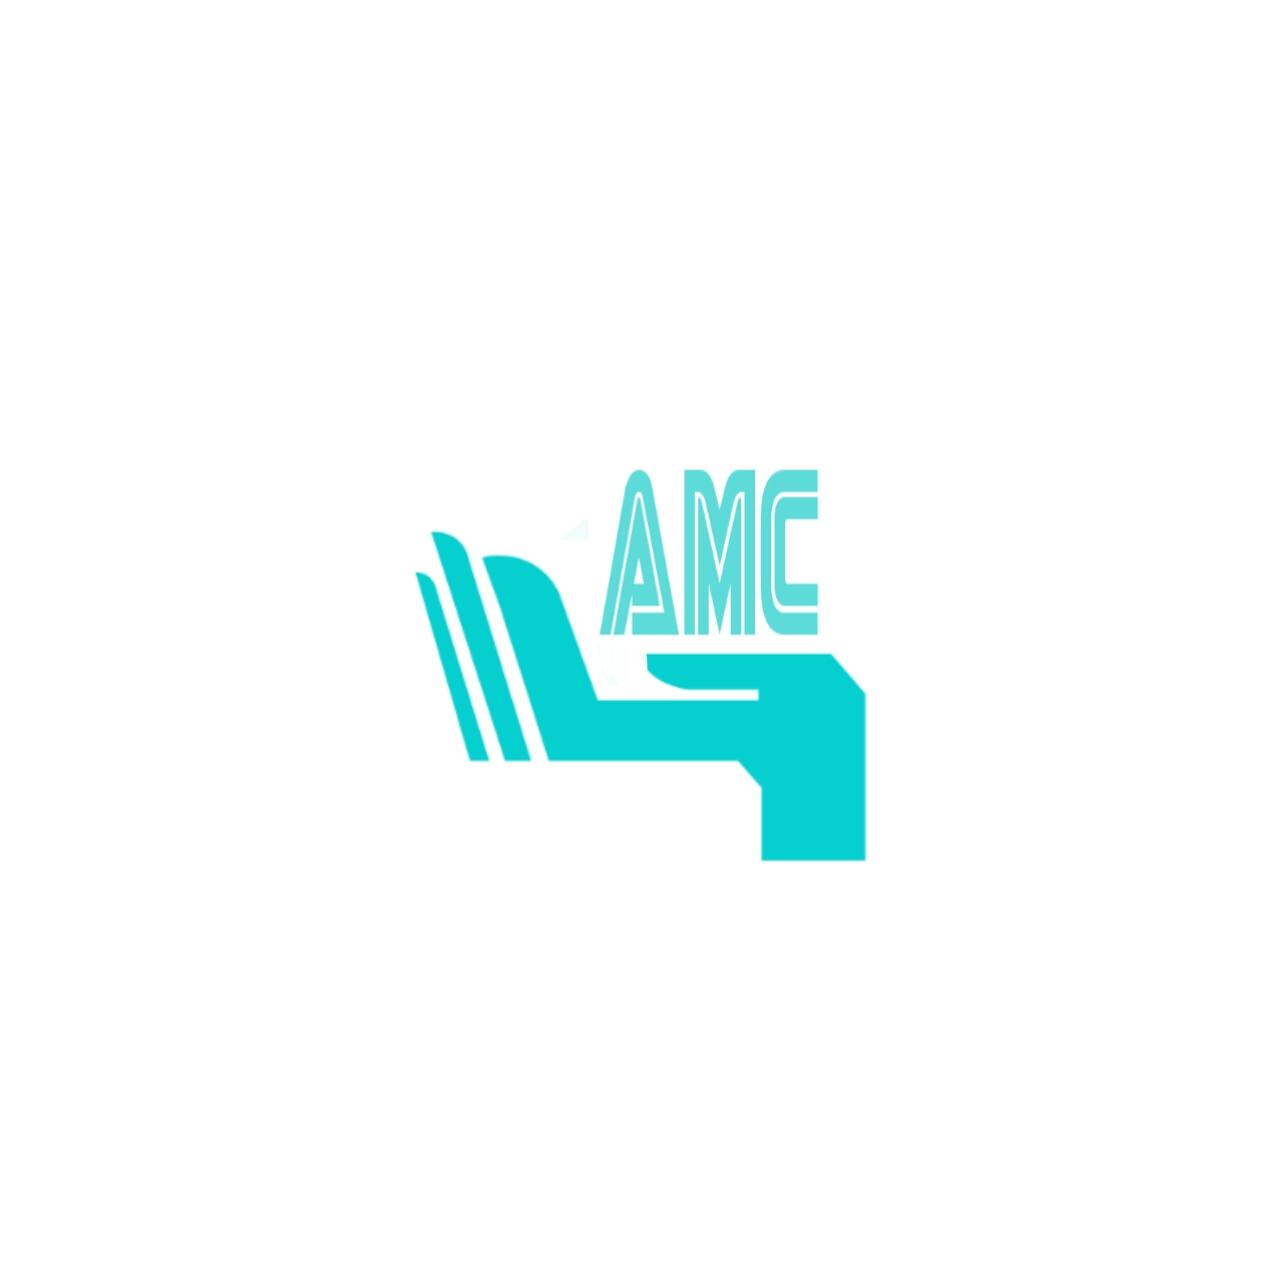 Логотип для медицинского центра (клиники)  фото f_0695b9ec395a7975.jpg